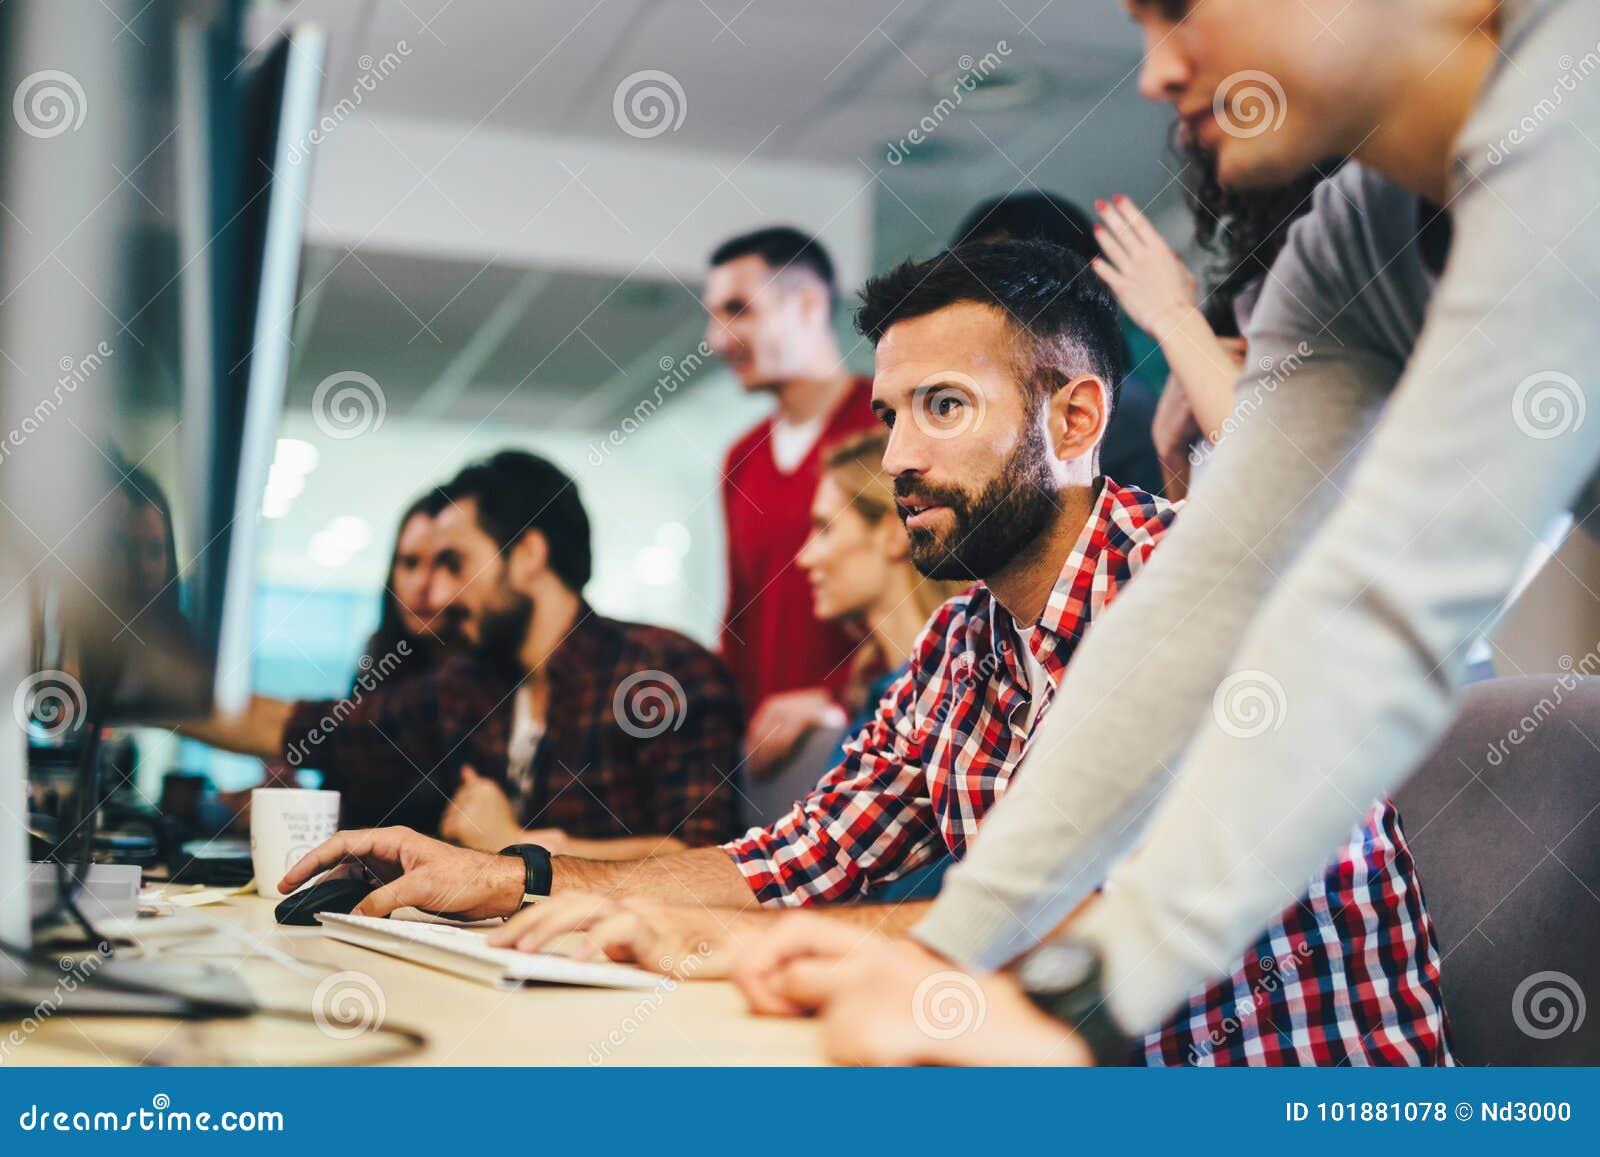 Stående av programmerare som arbetar i utvecklingsprogramvaruföretag